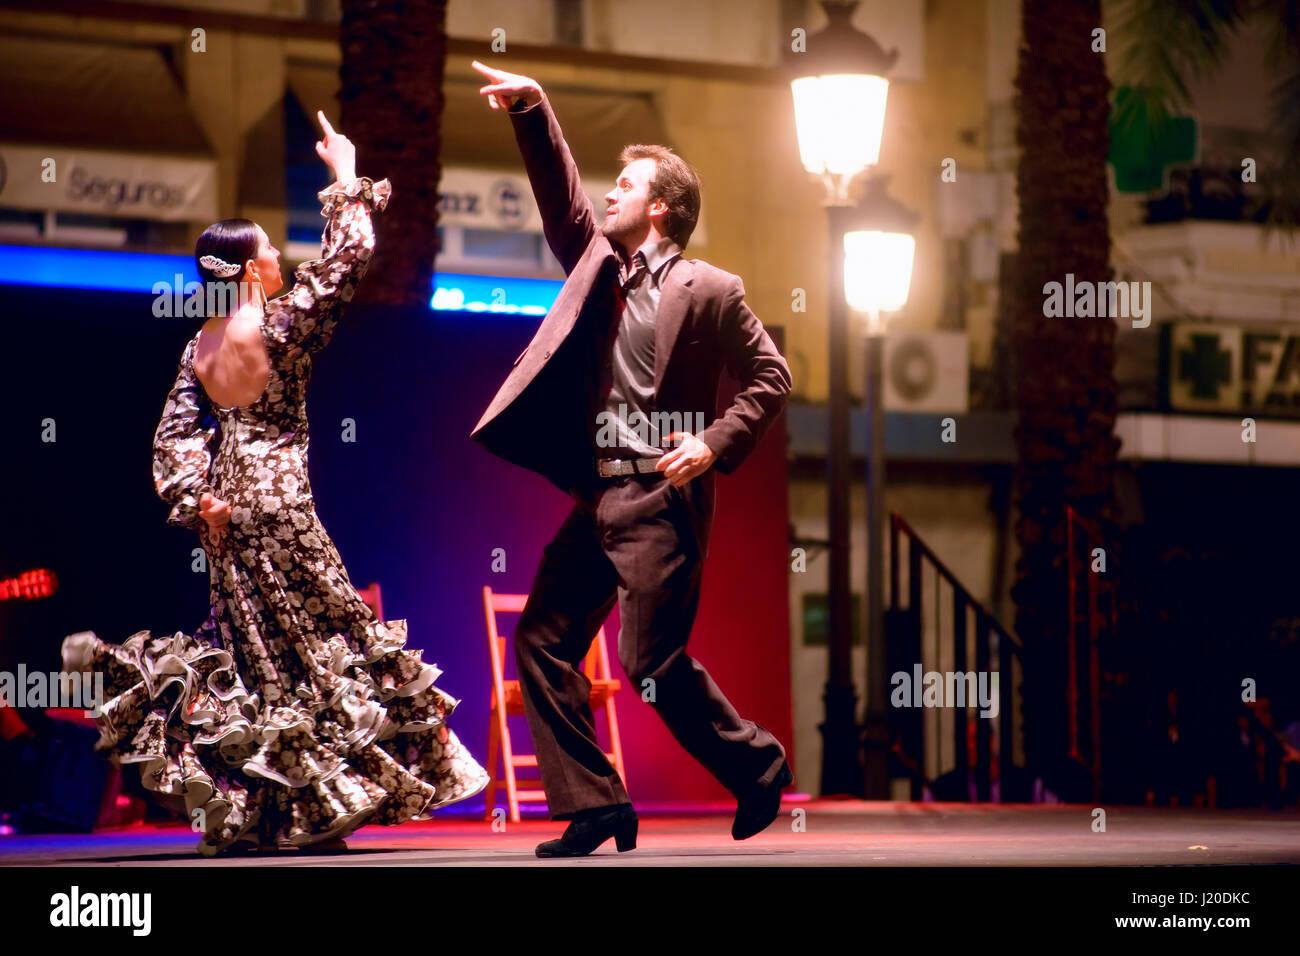 Flamenco dancer in Sevilla - Stock Image